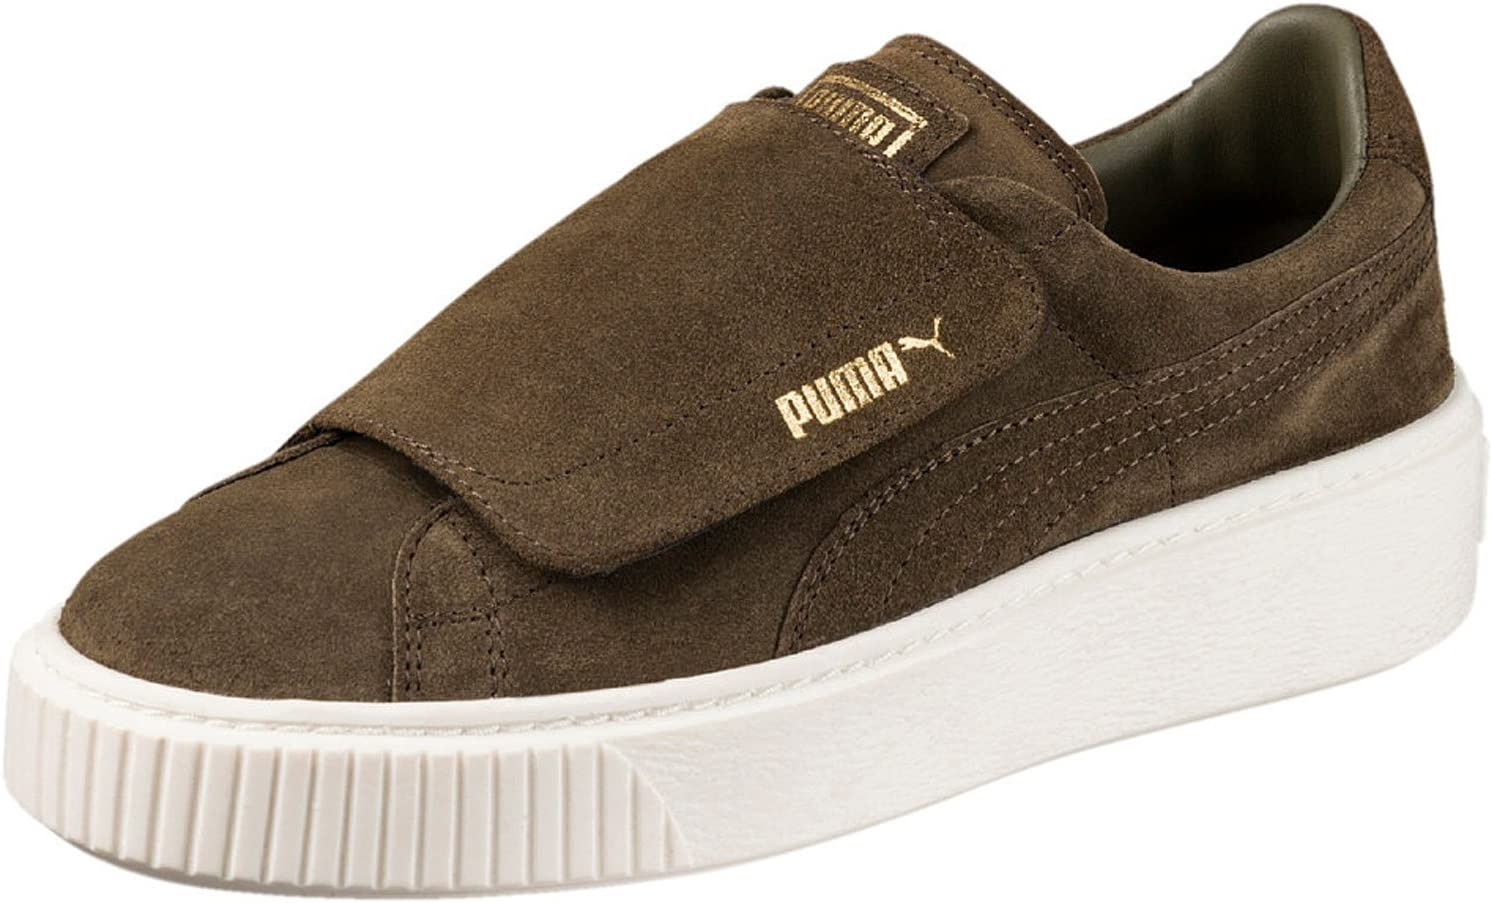 Puma Suede Platform Strap W chaussures olive night: Amazon